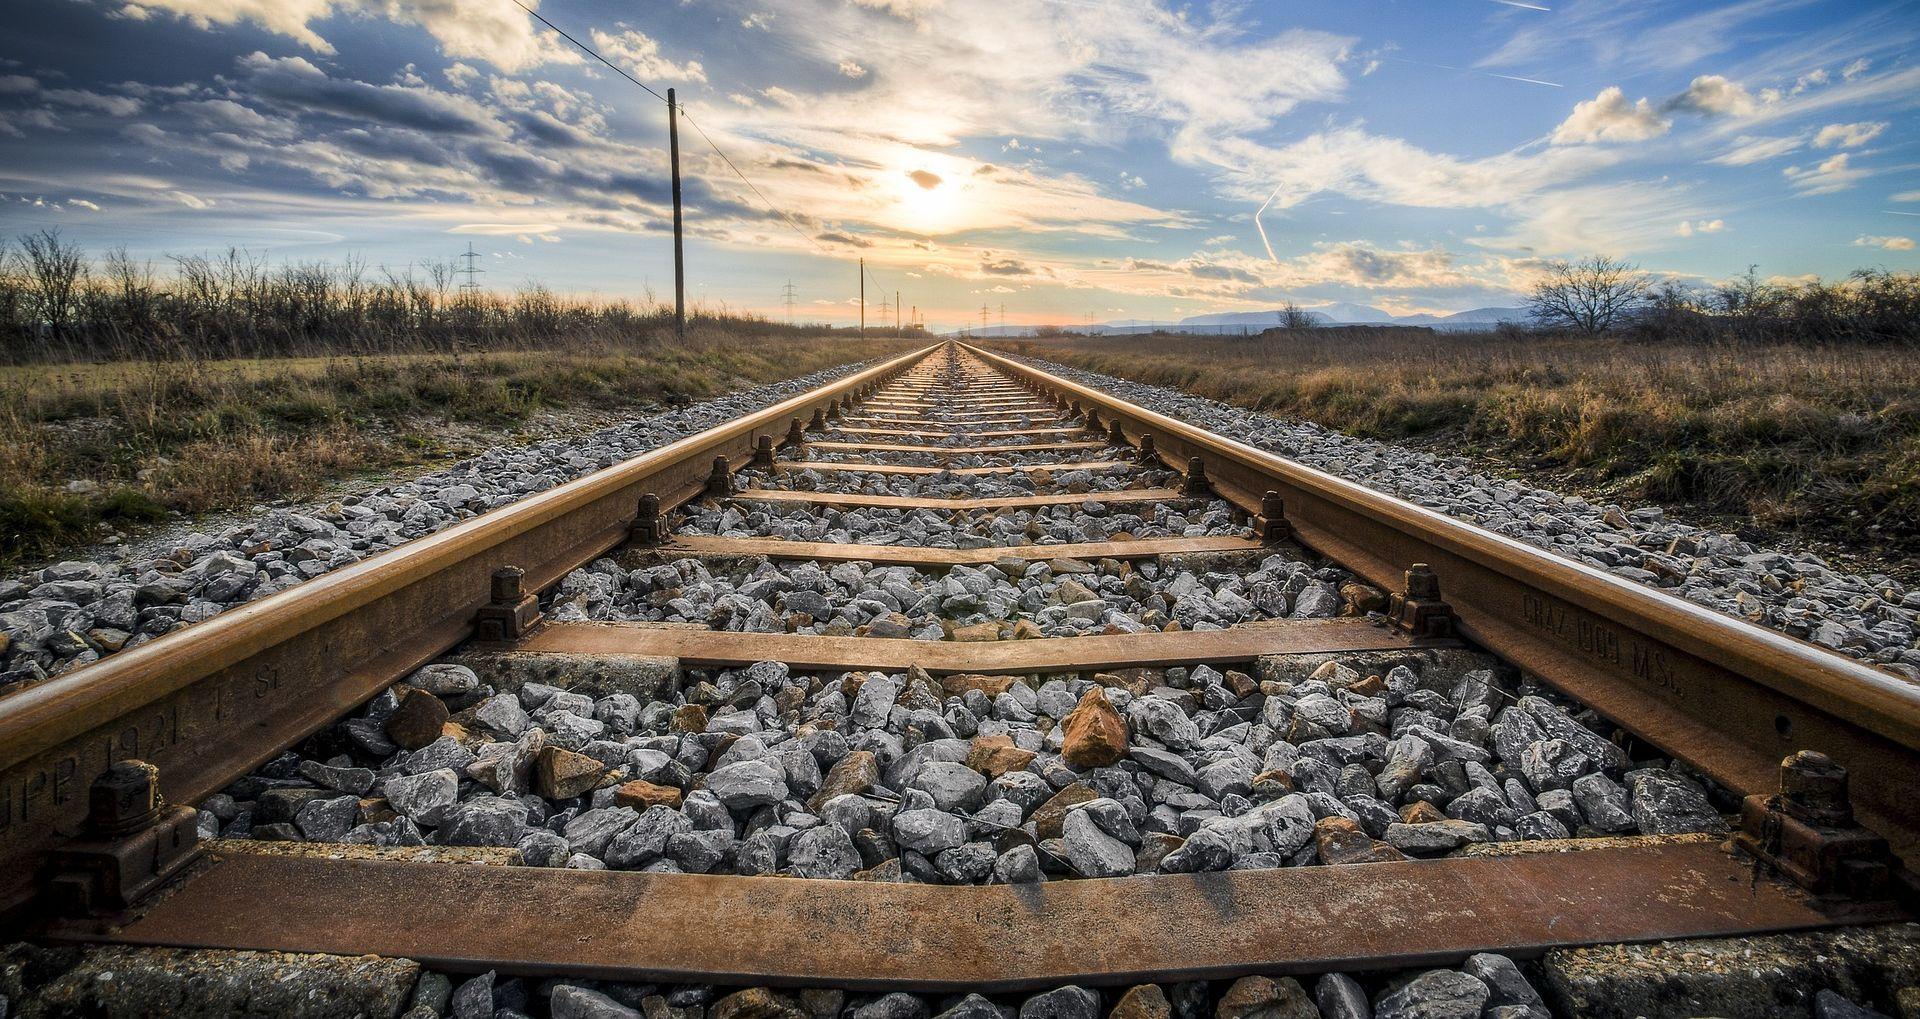 IJF Državna željeznička poduzeća neuspješno restrukturirana